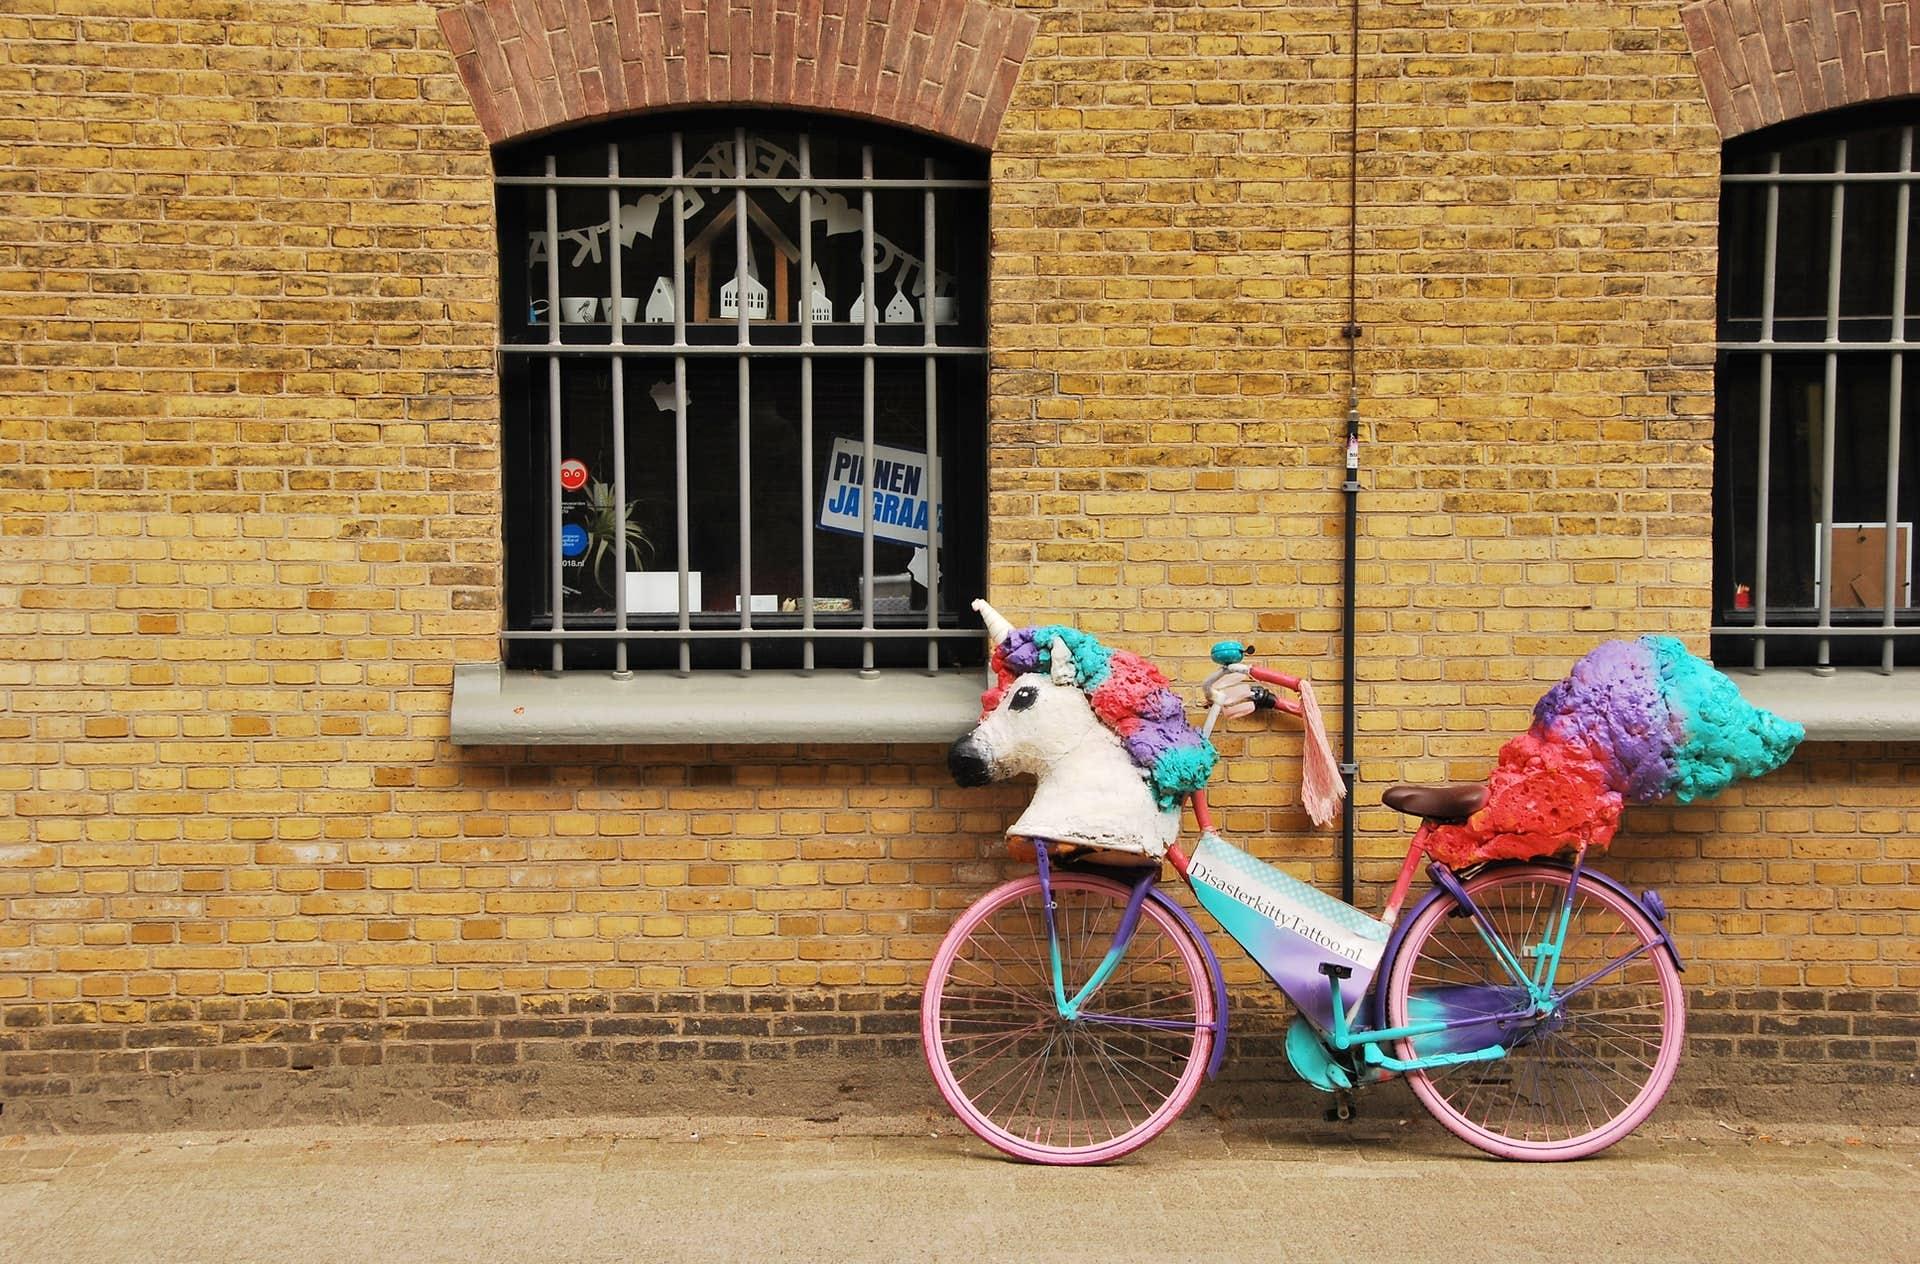 unicorn-shaped bicycle